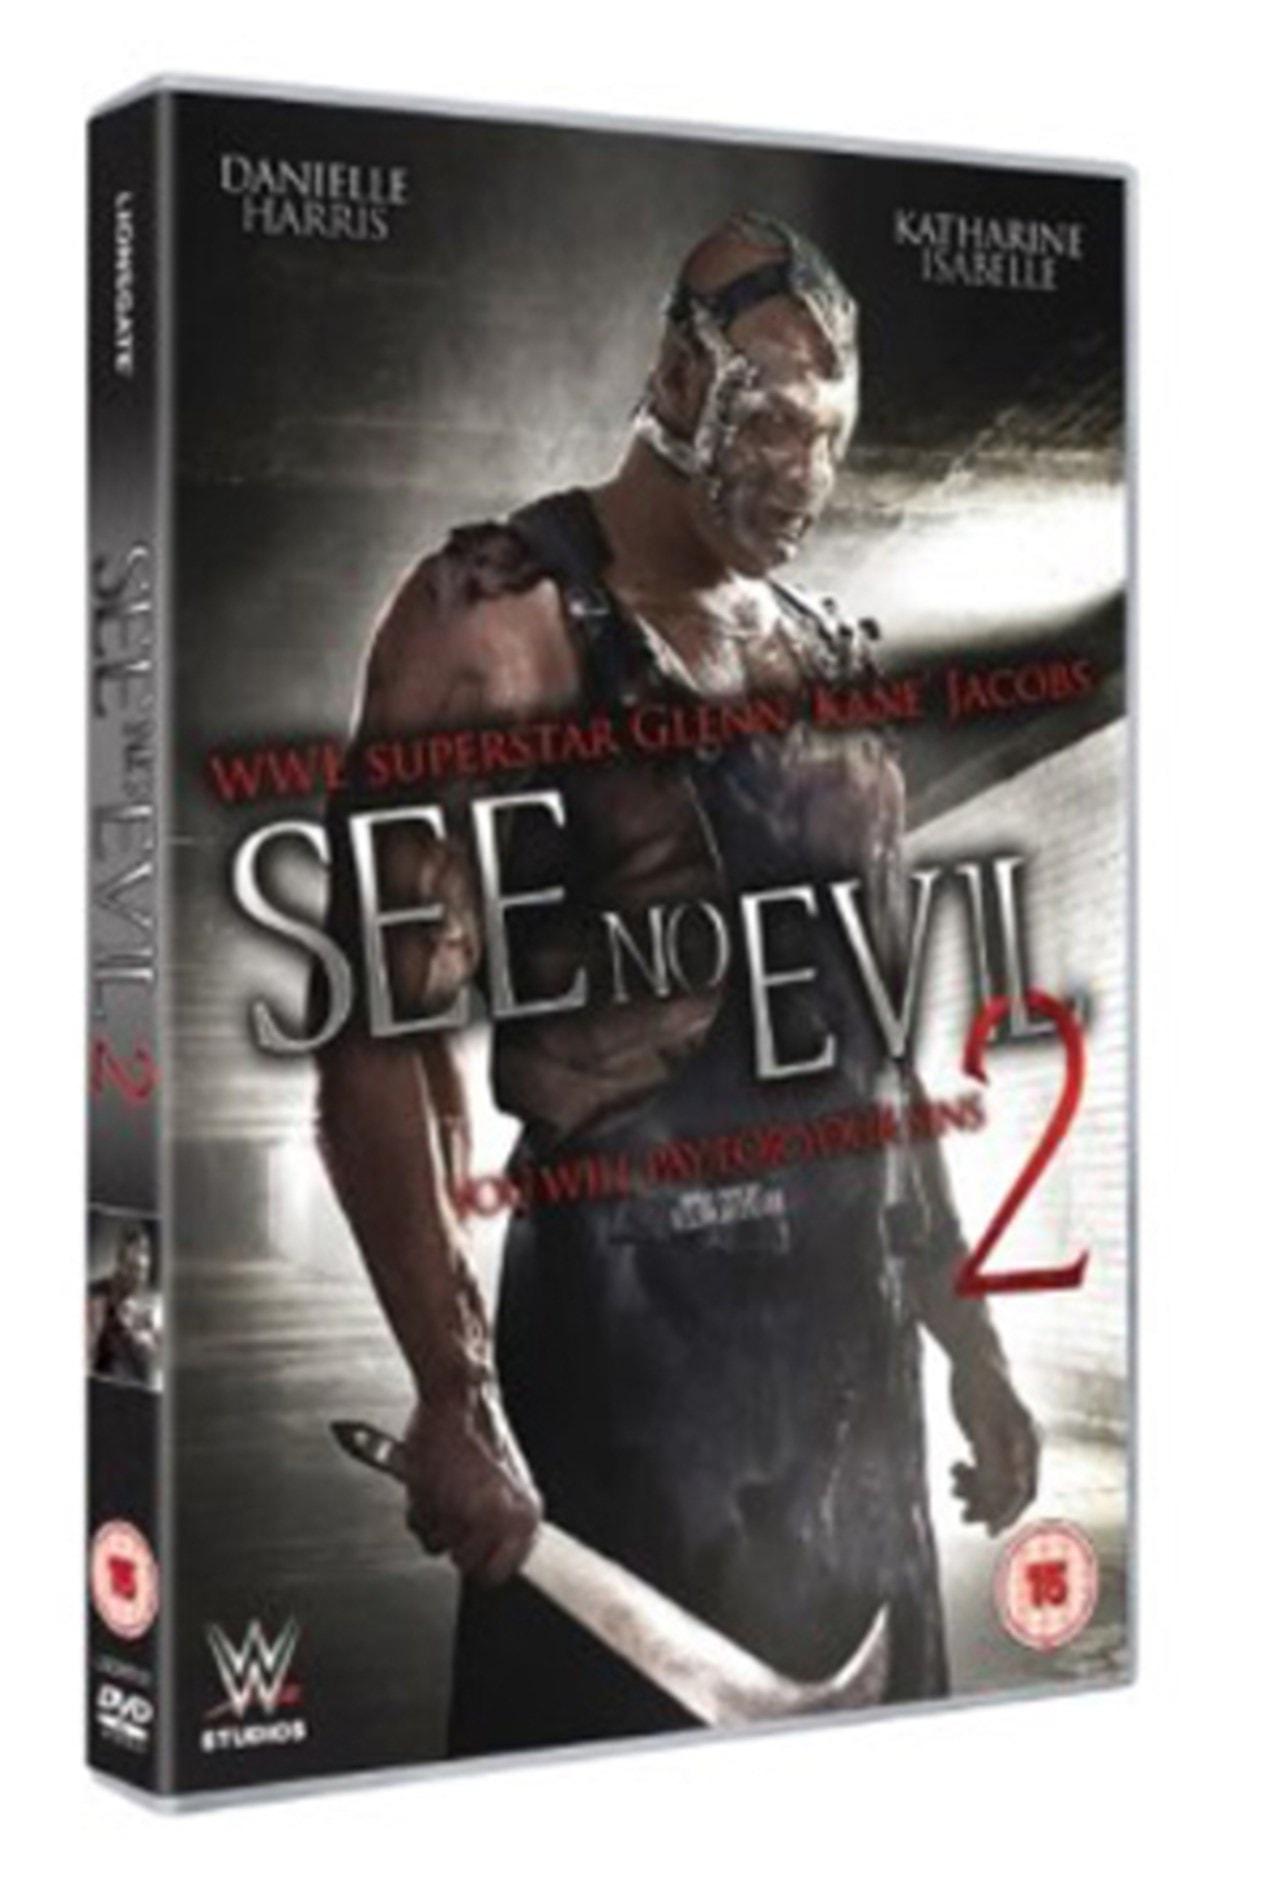 See No Evil 2 - 2